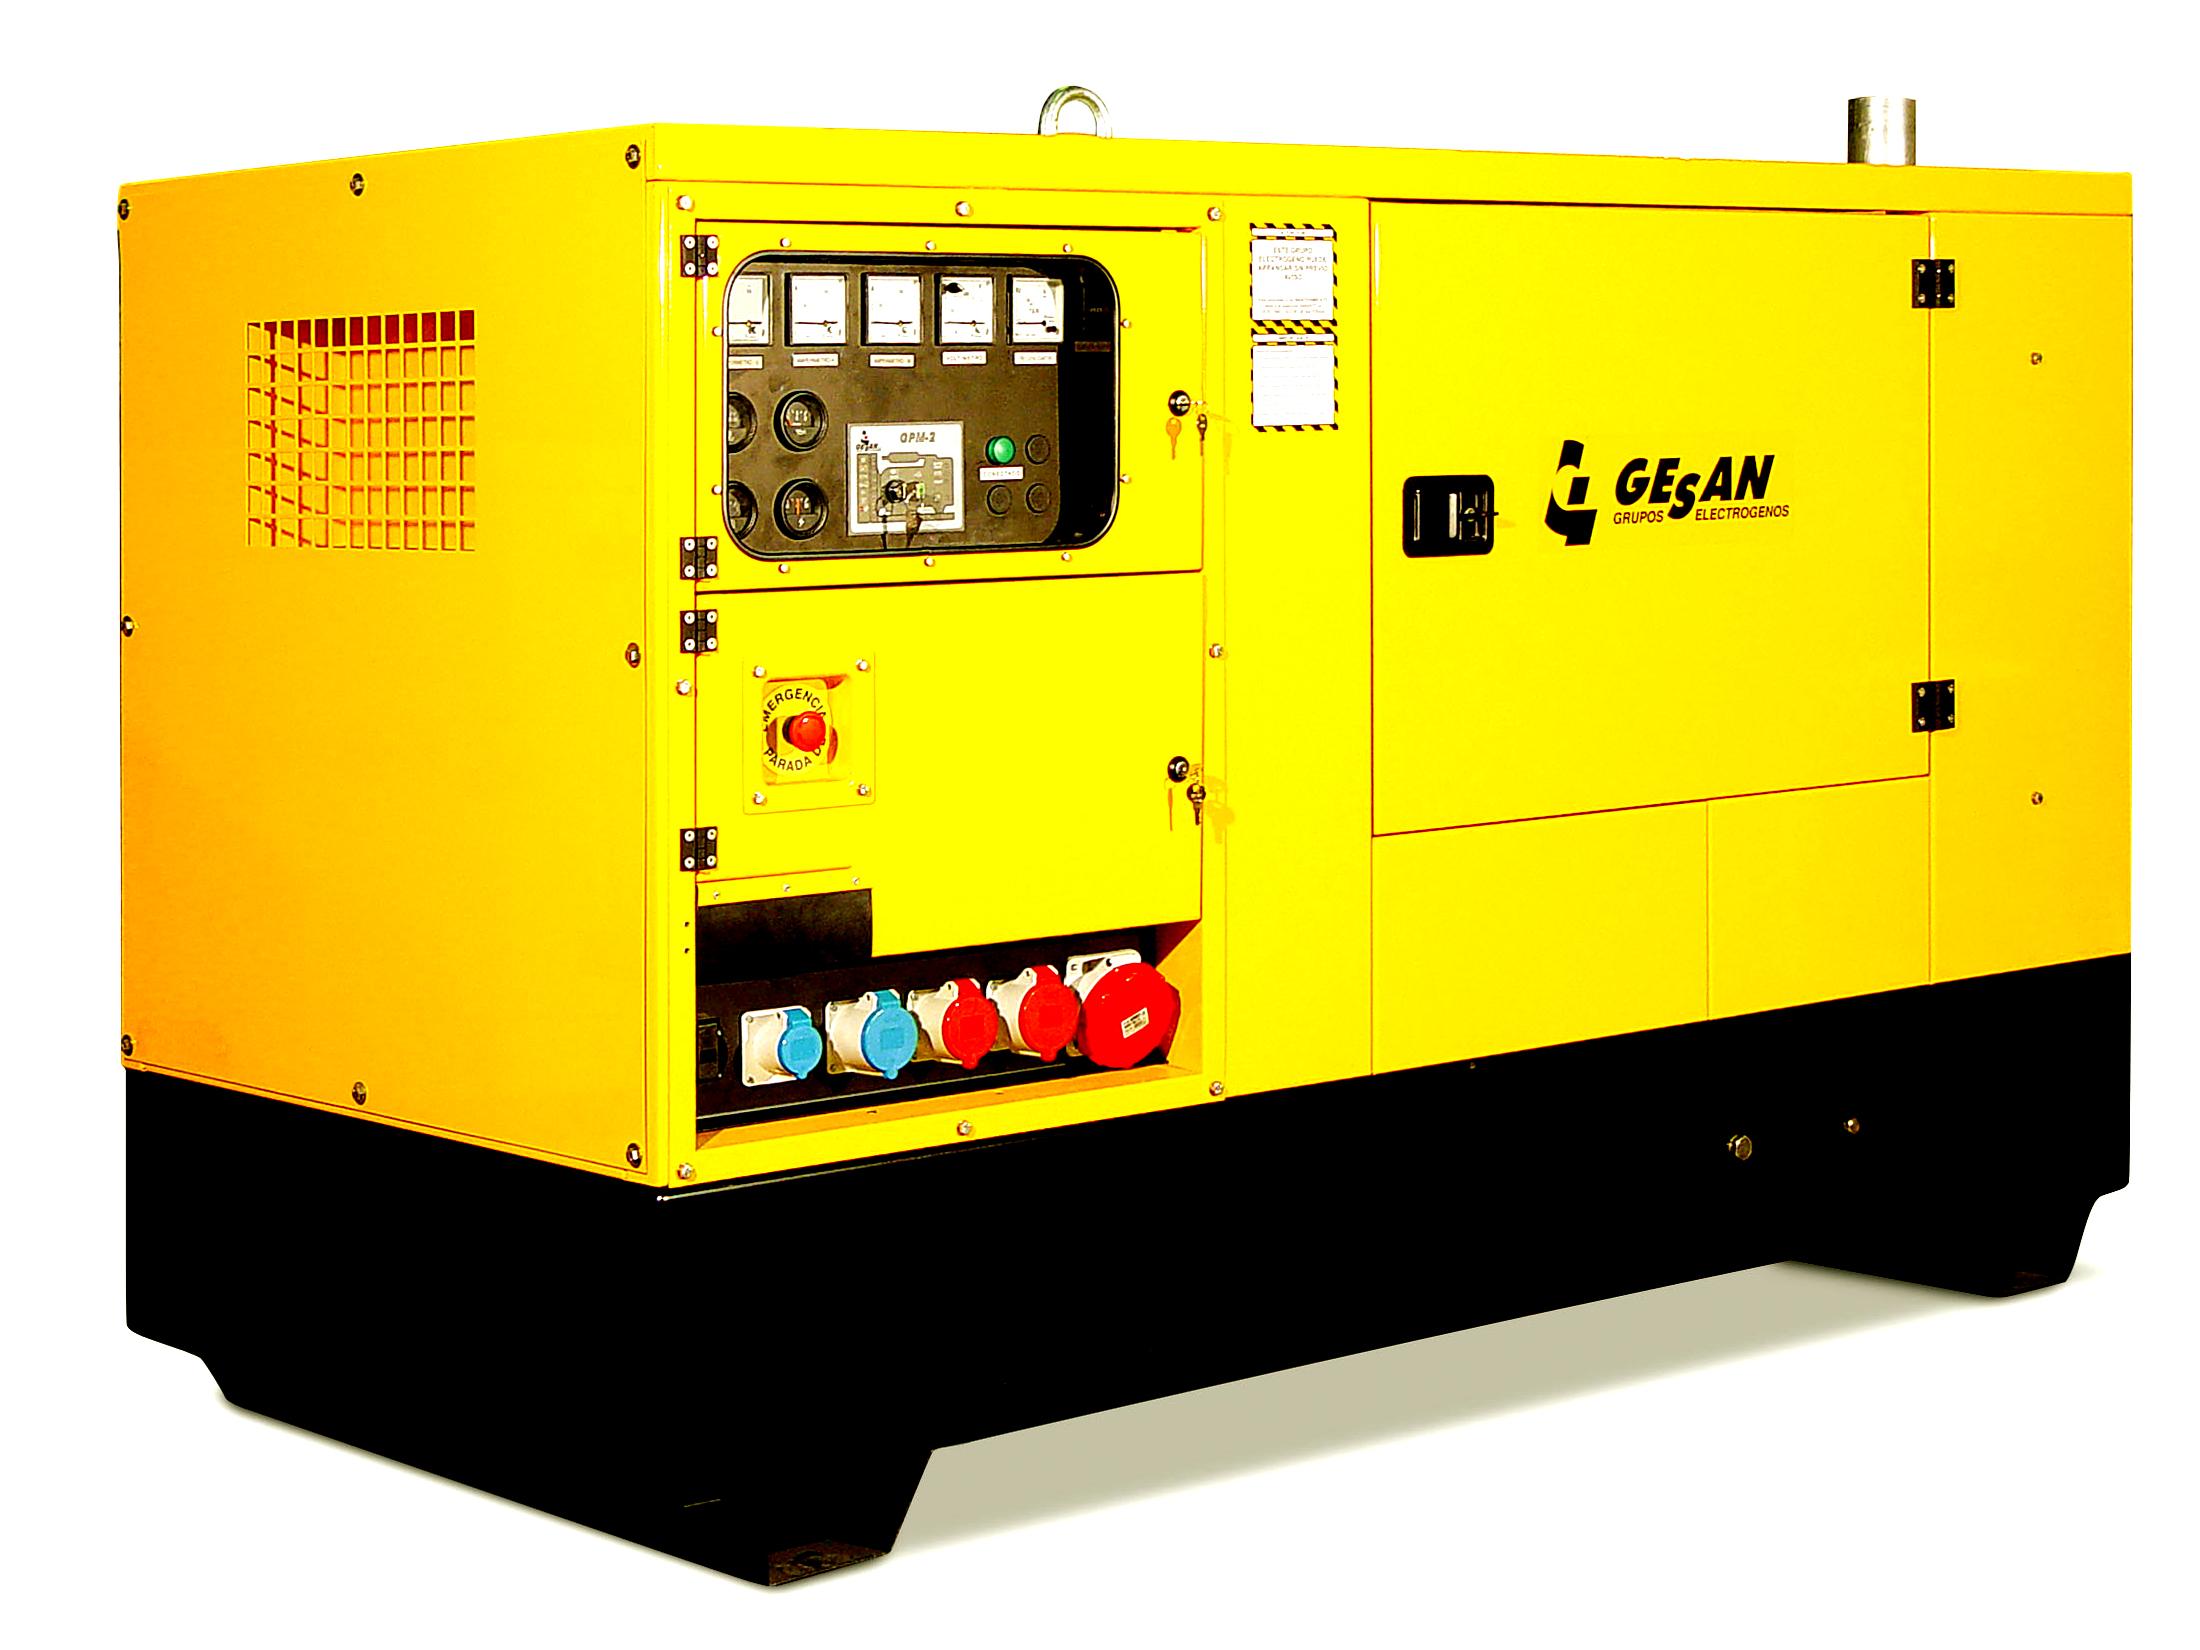 Почему дизельные генераторы стали лучшим решением для обеспечения электроснабжения